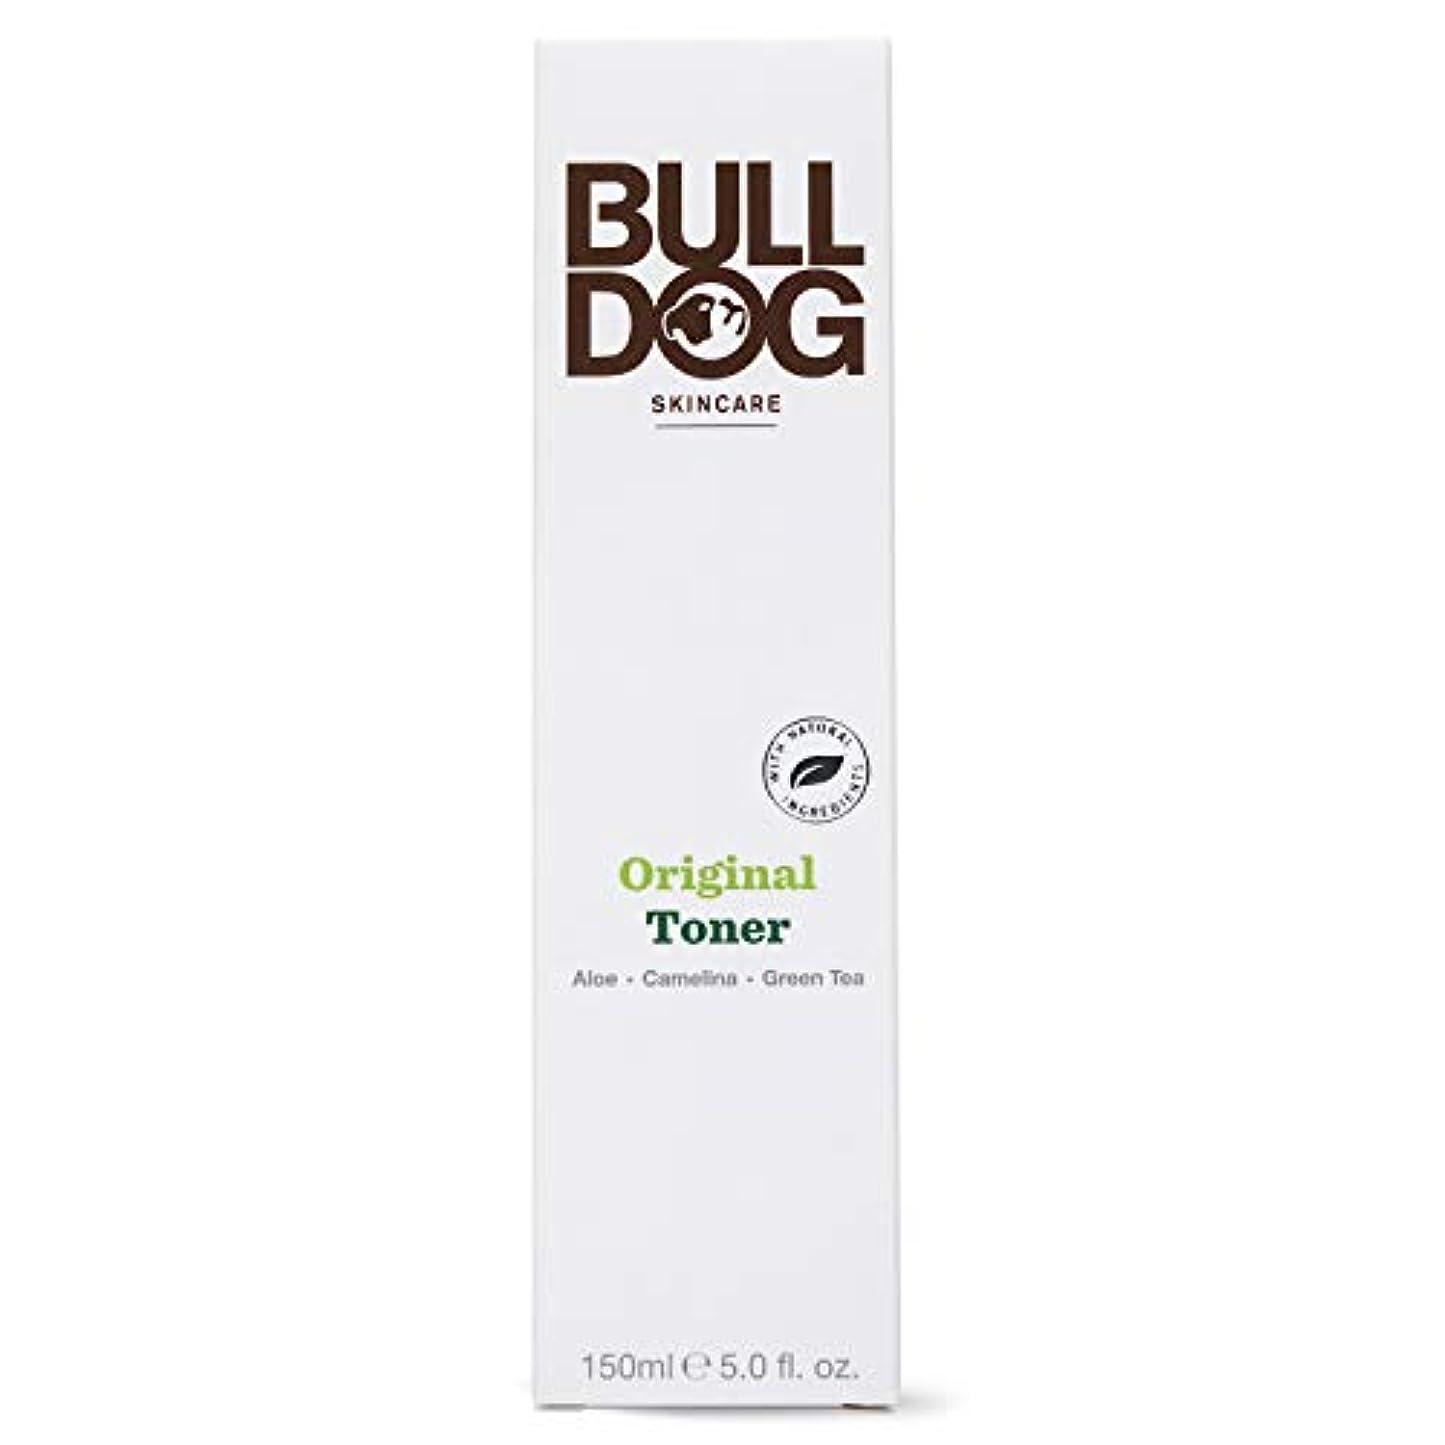 太字ホバートラックBulldog(ブルドッグ) ブルドッグ Bulldog オリジナル トナー 化粧水 150ml 肌をすっきり なめらかに